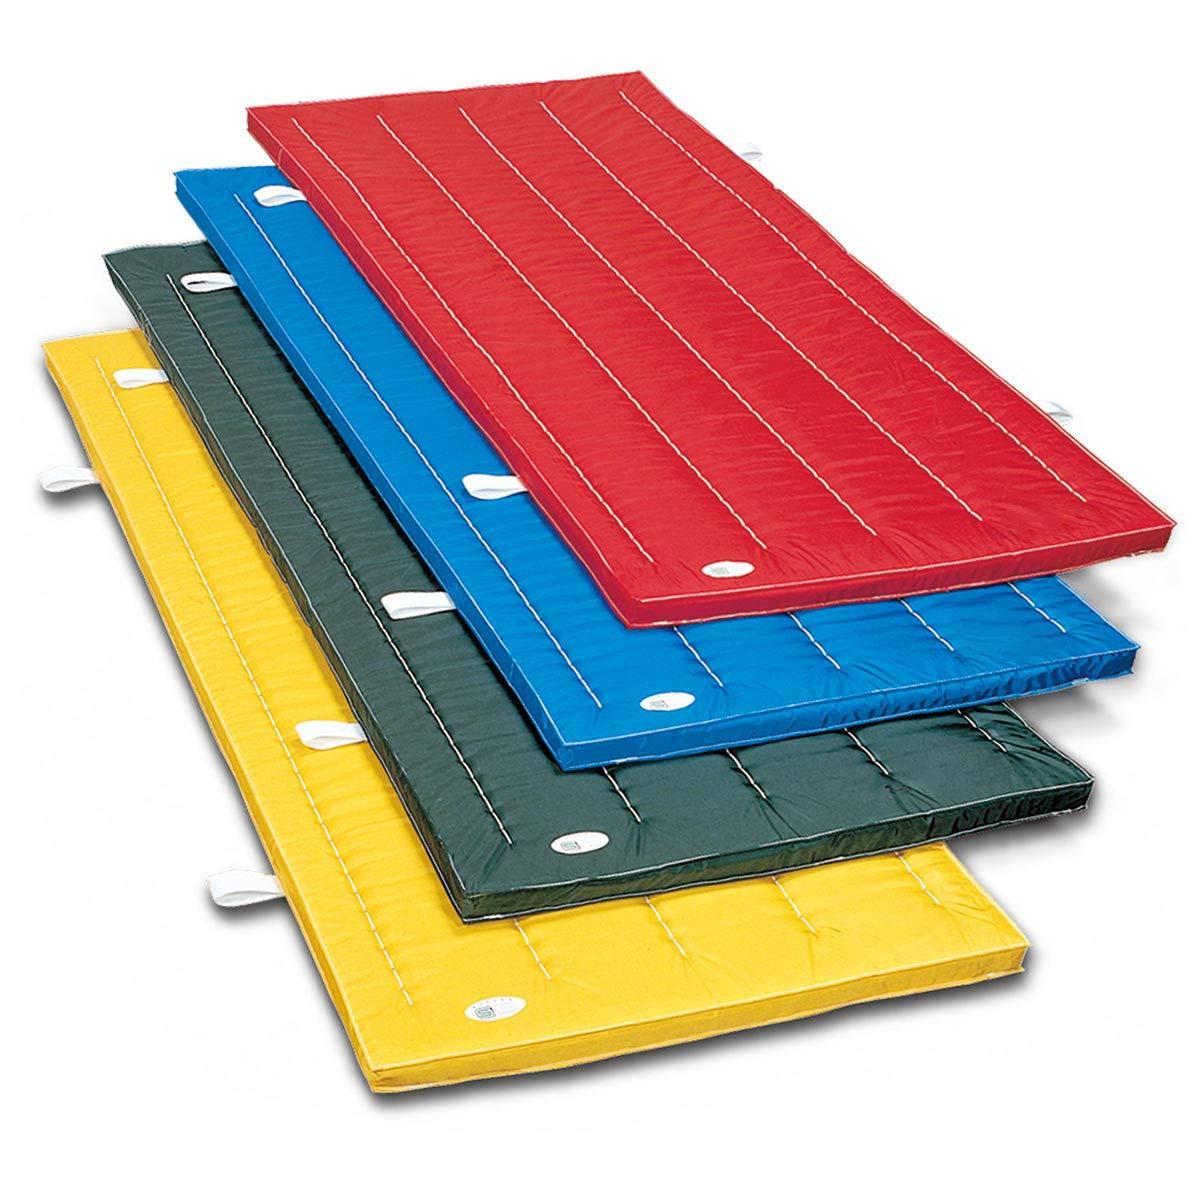 体操マット ナイロンカラーマット SGマーク付 体操カラーマット 90 × 240 × 厚5 cm B072PS7C3B ブルー